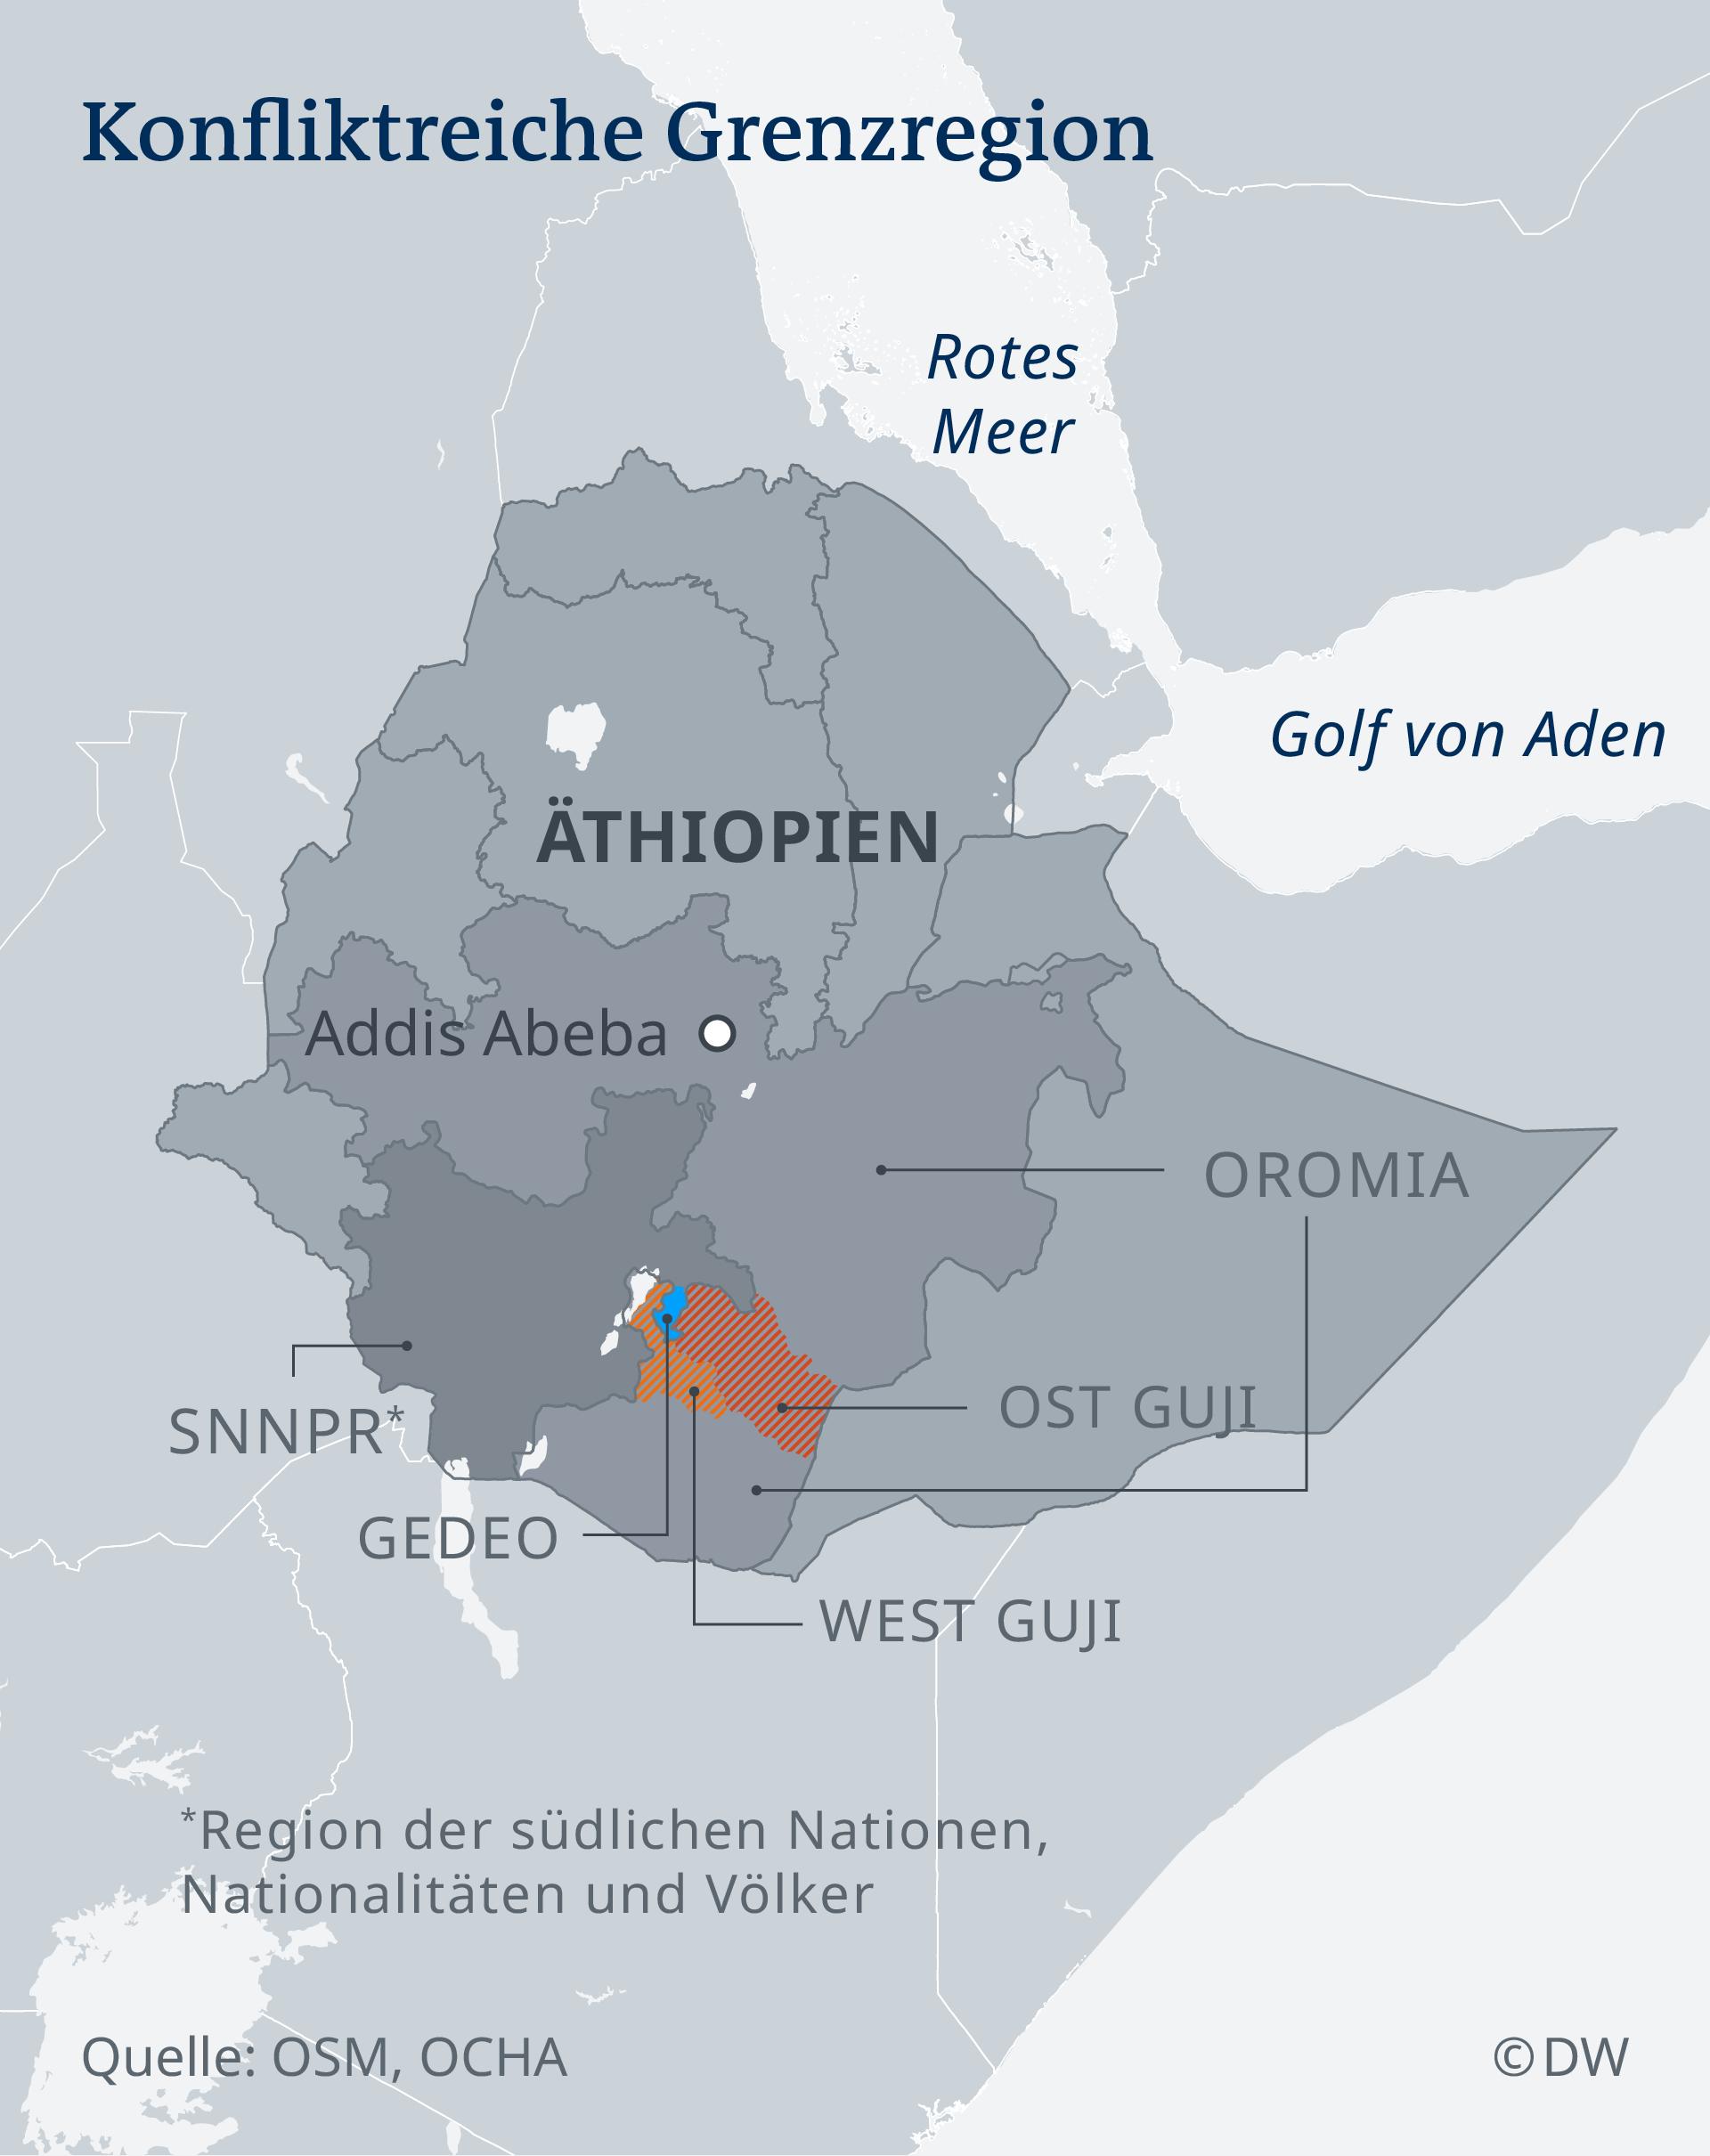 INFOGRAFIK Äthiopien: Konfliktreiche Grenzregion -DE